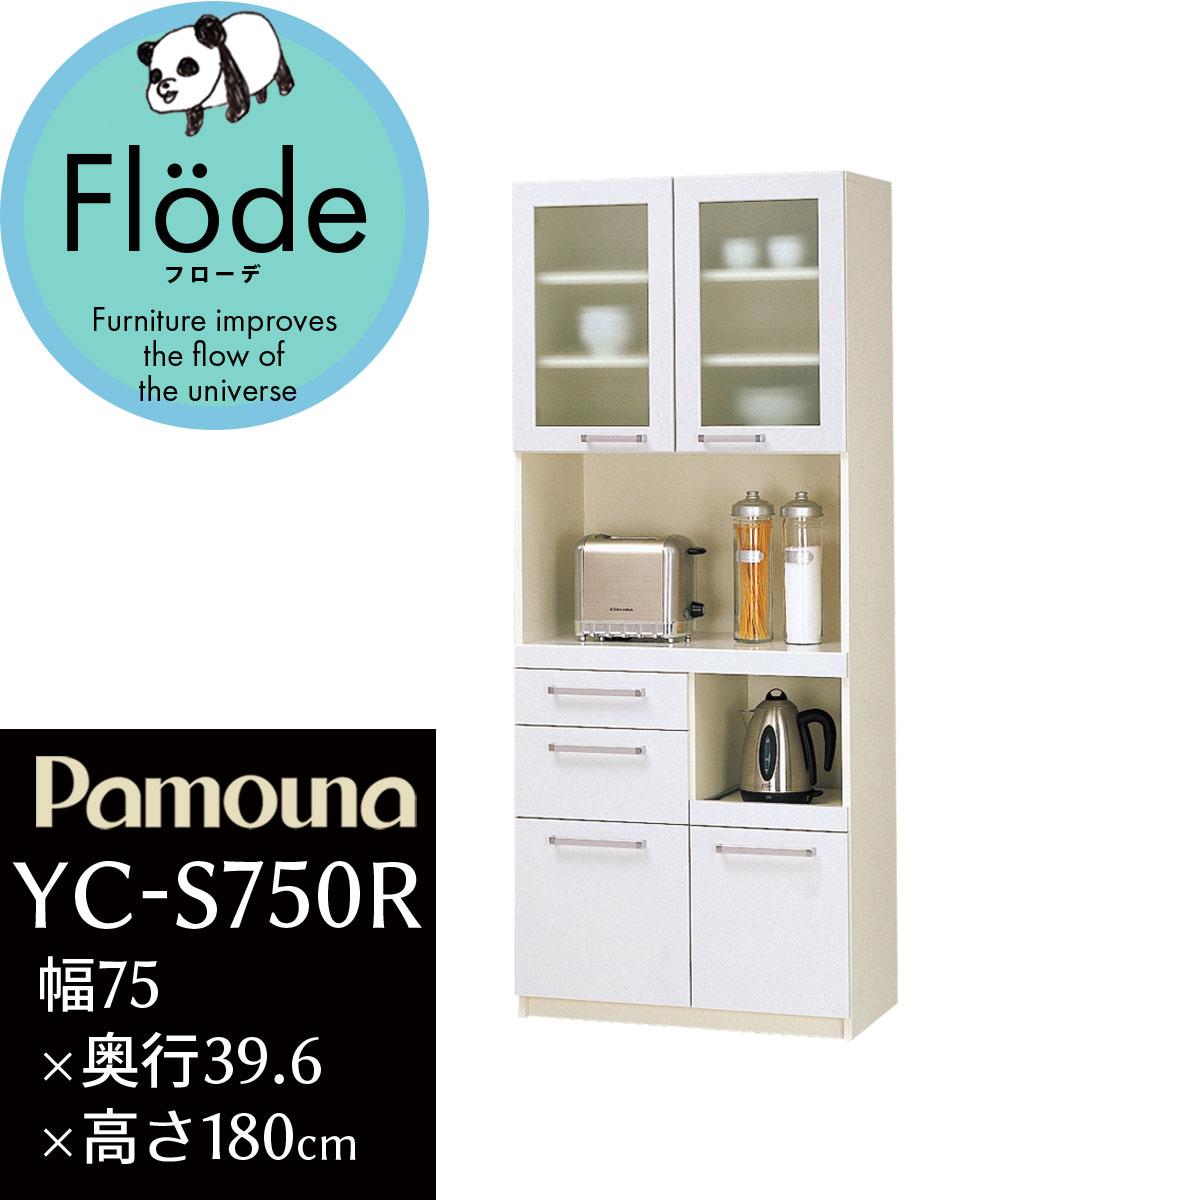 食器棚 パモウナ YC キッチンボード YC-S750R 幅75×高さ180cm 完成品 日本製